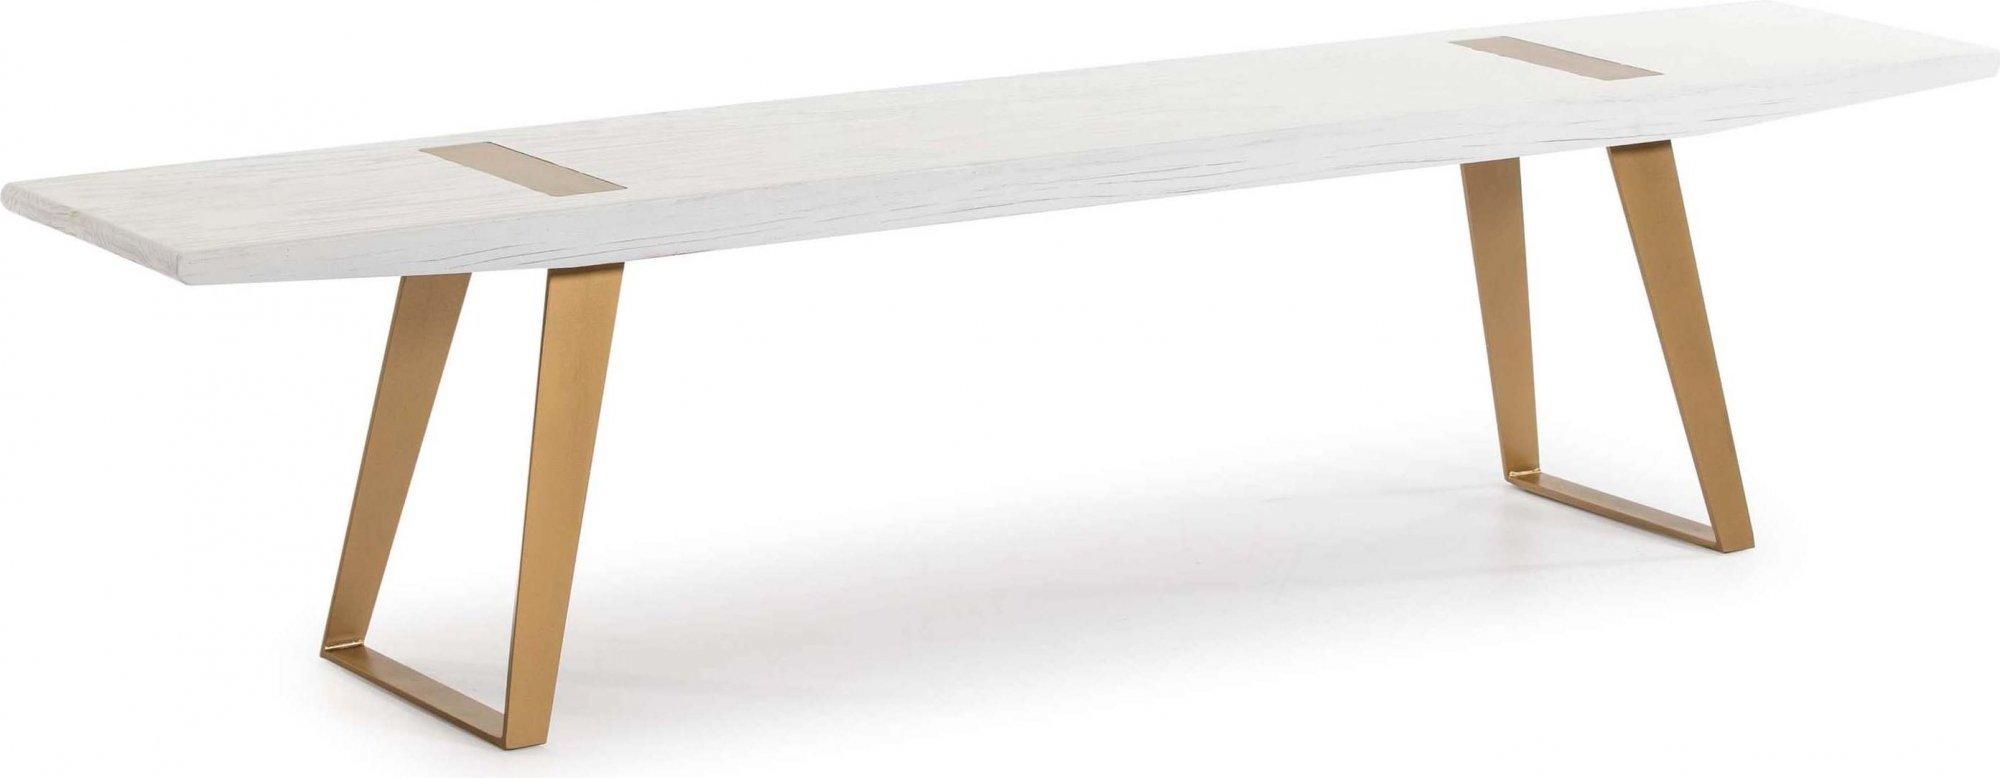 Banc pieds métal doré assise bois blanc l190cm